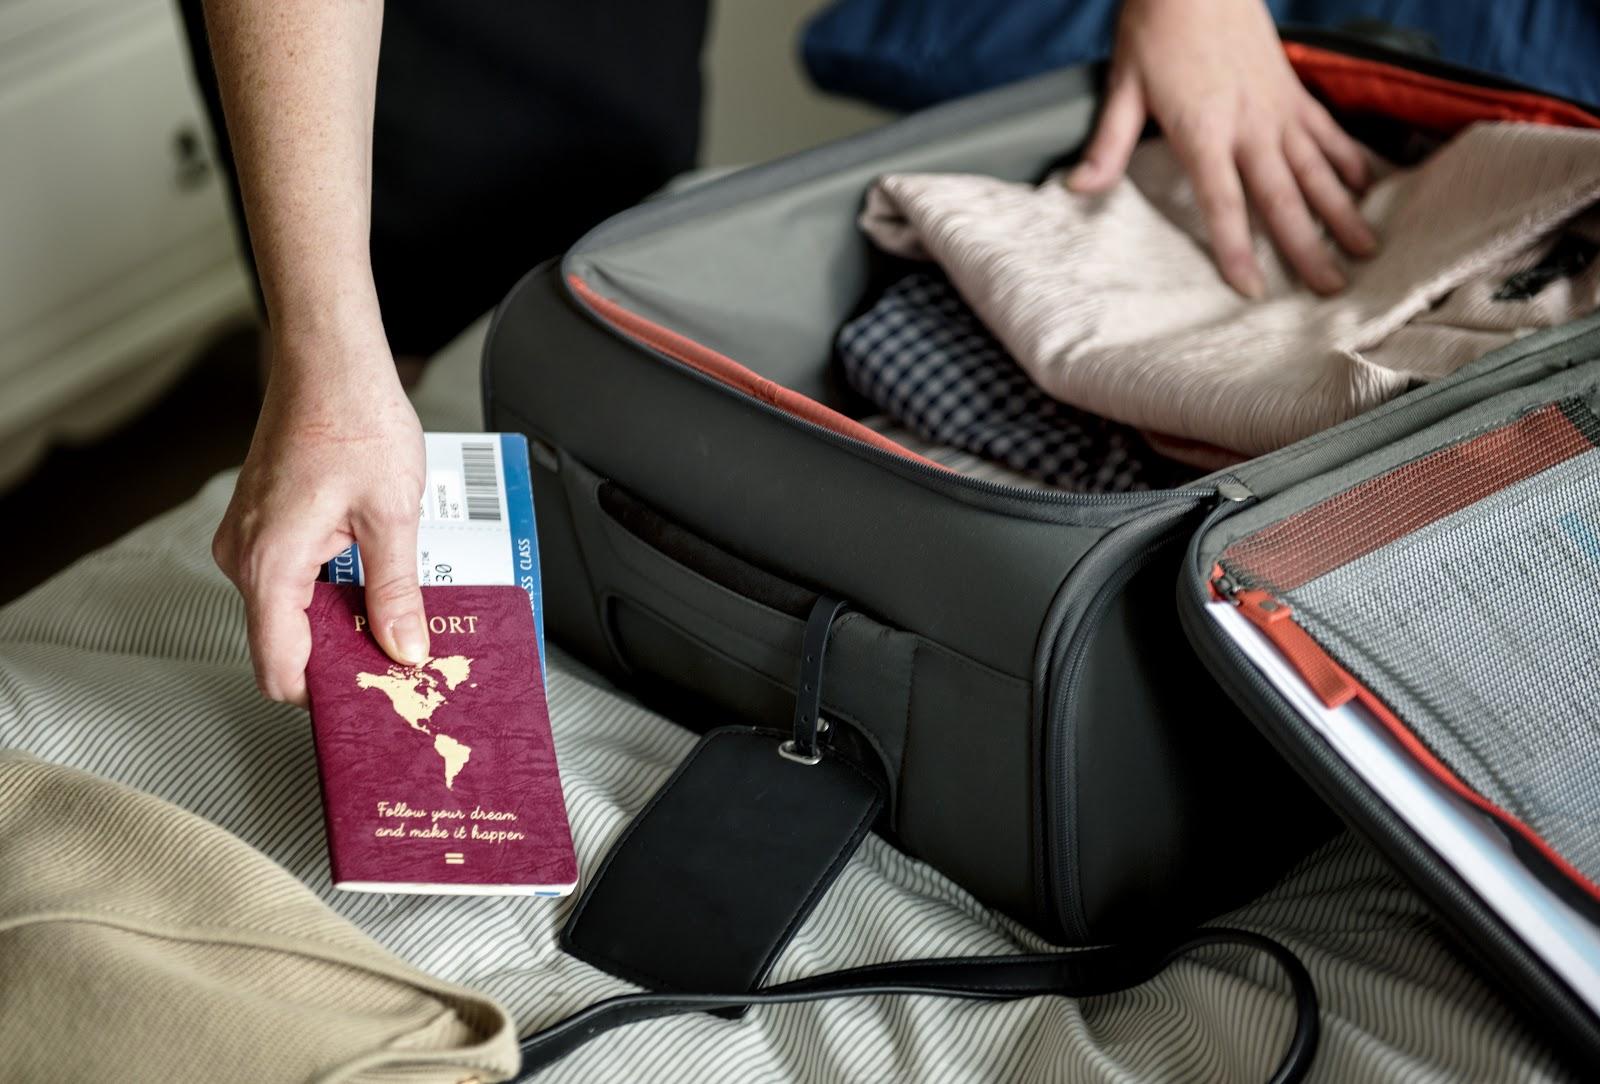 Pessoa arrumando mala com a sua passagem e seu passaporte em mãos